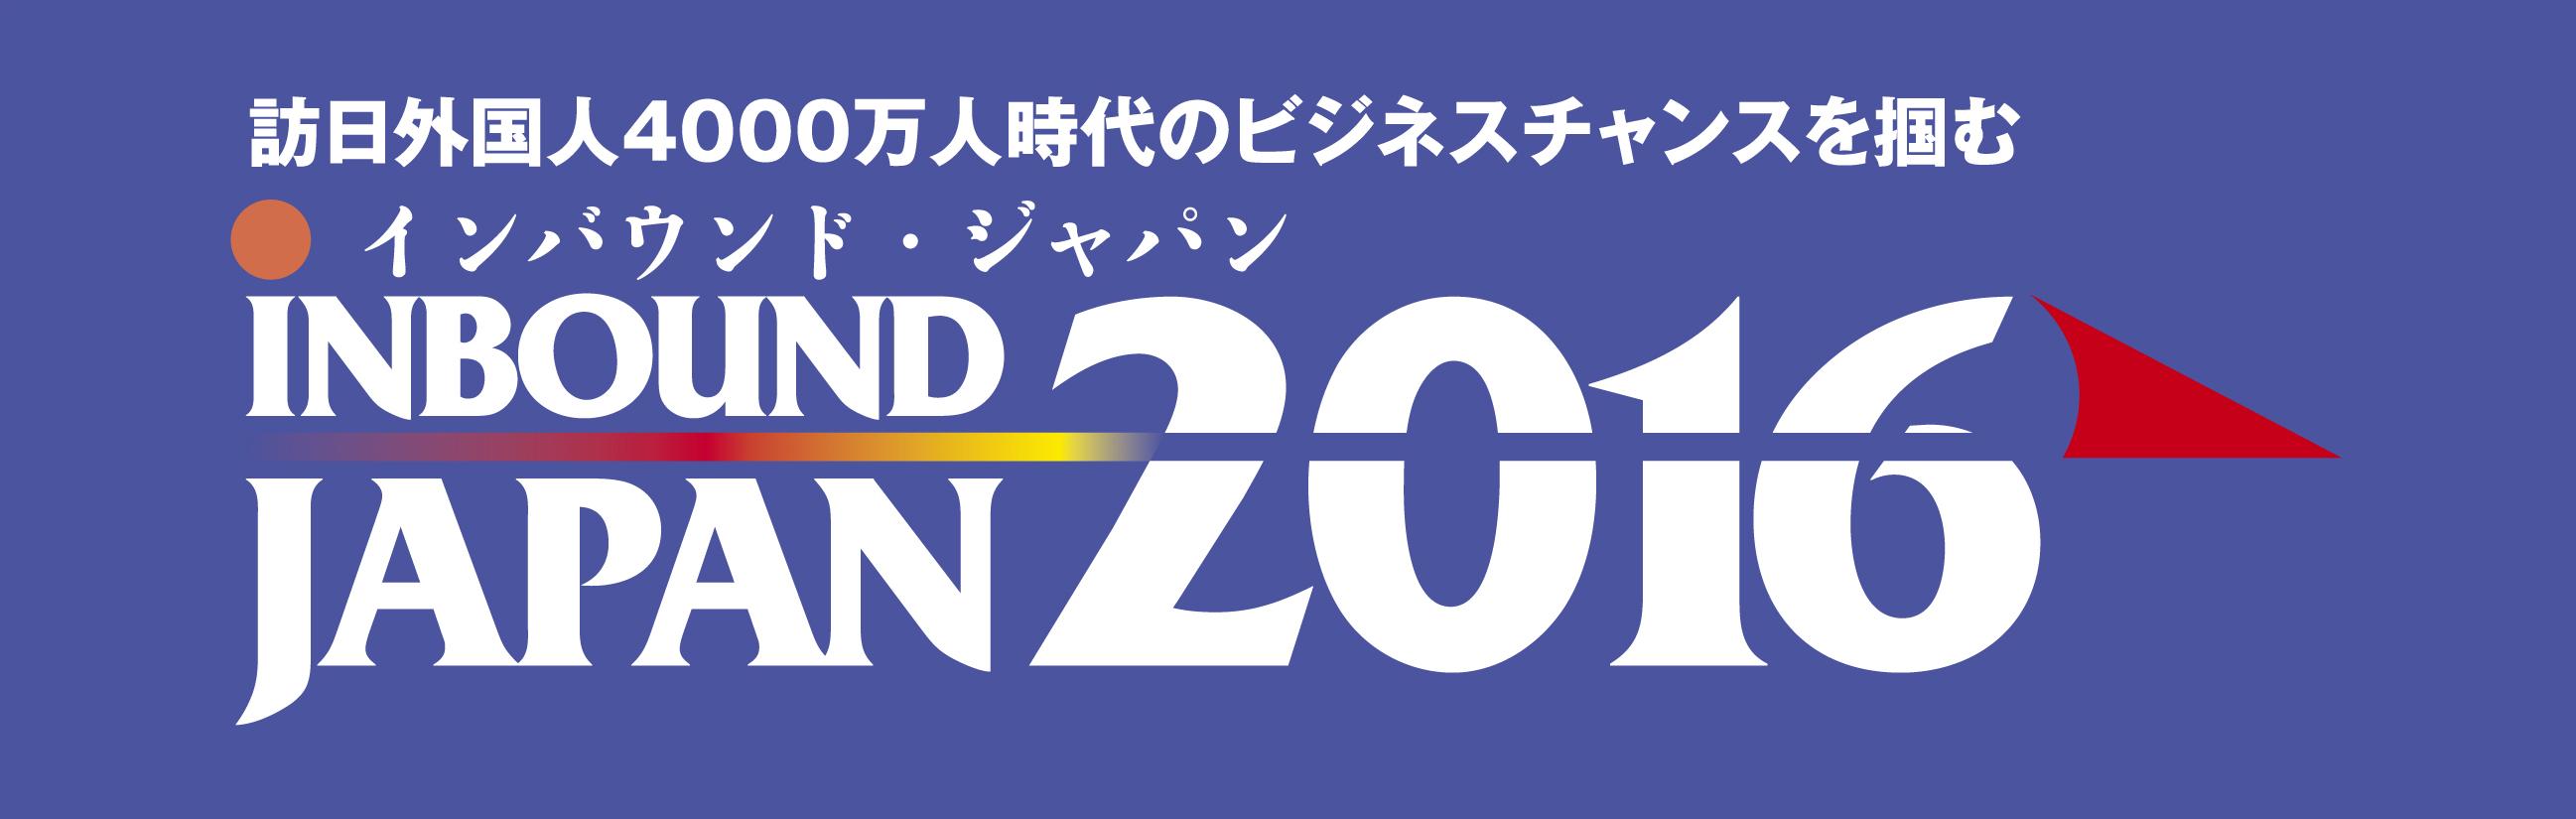 インバウンド・ジャパン2016ヘッダー画像